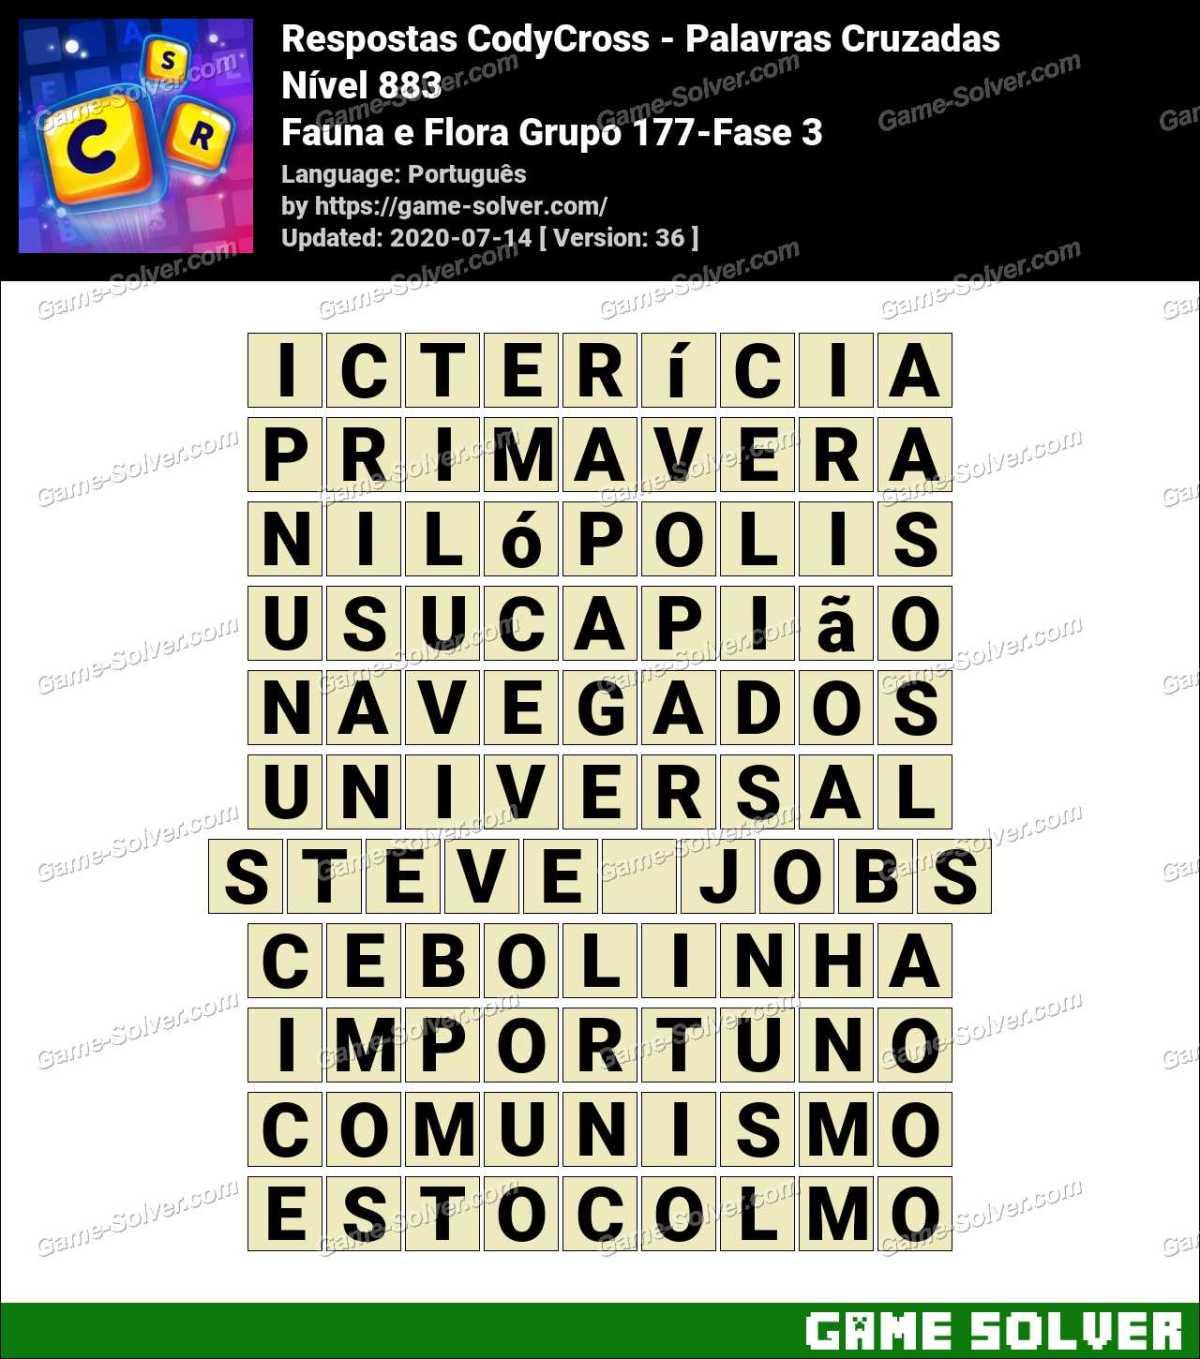 Respostas CodyCross Fauna e Flora Grupo 177-Fase 3